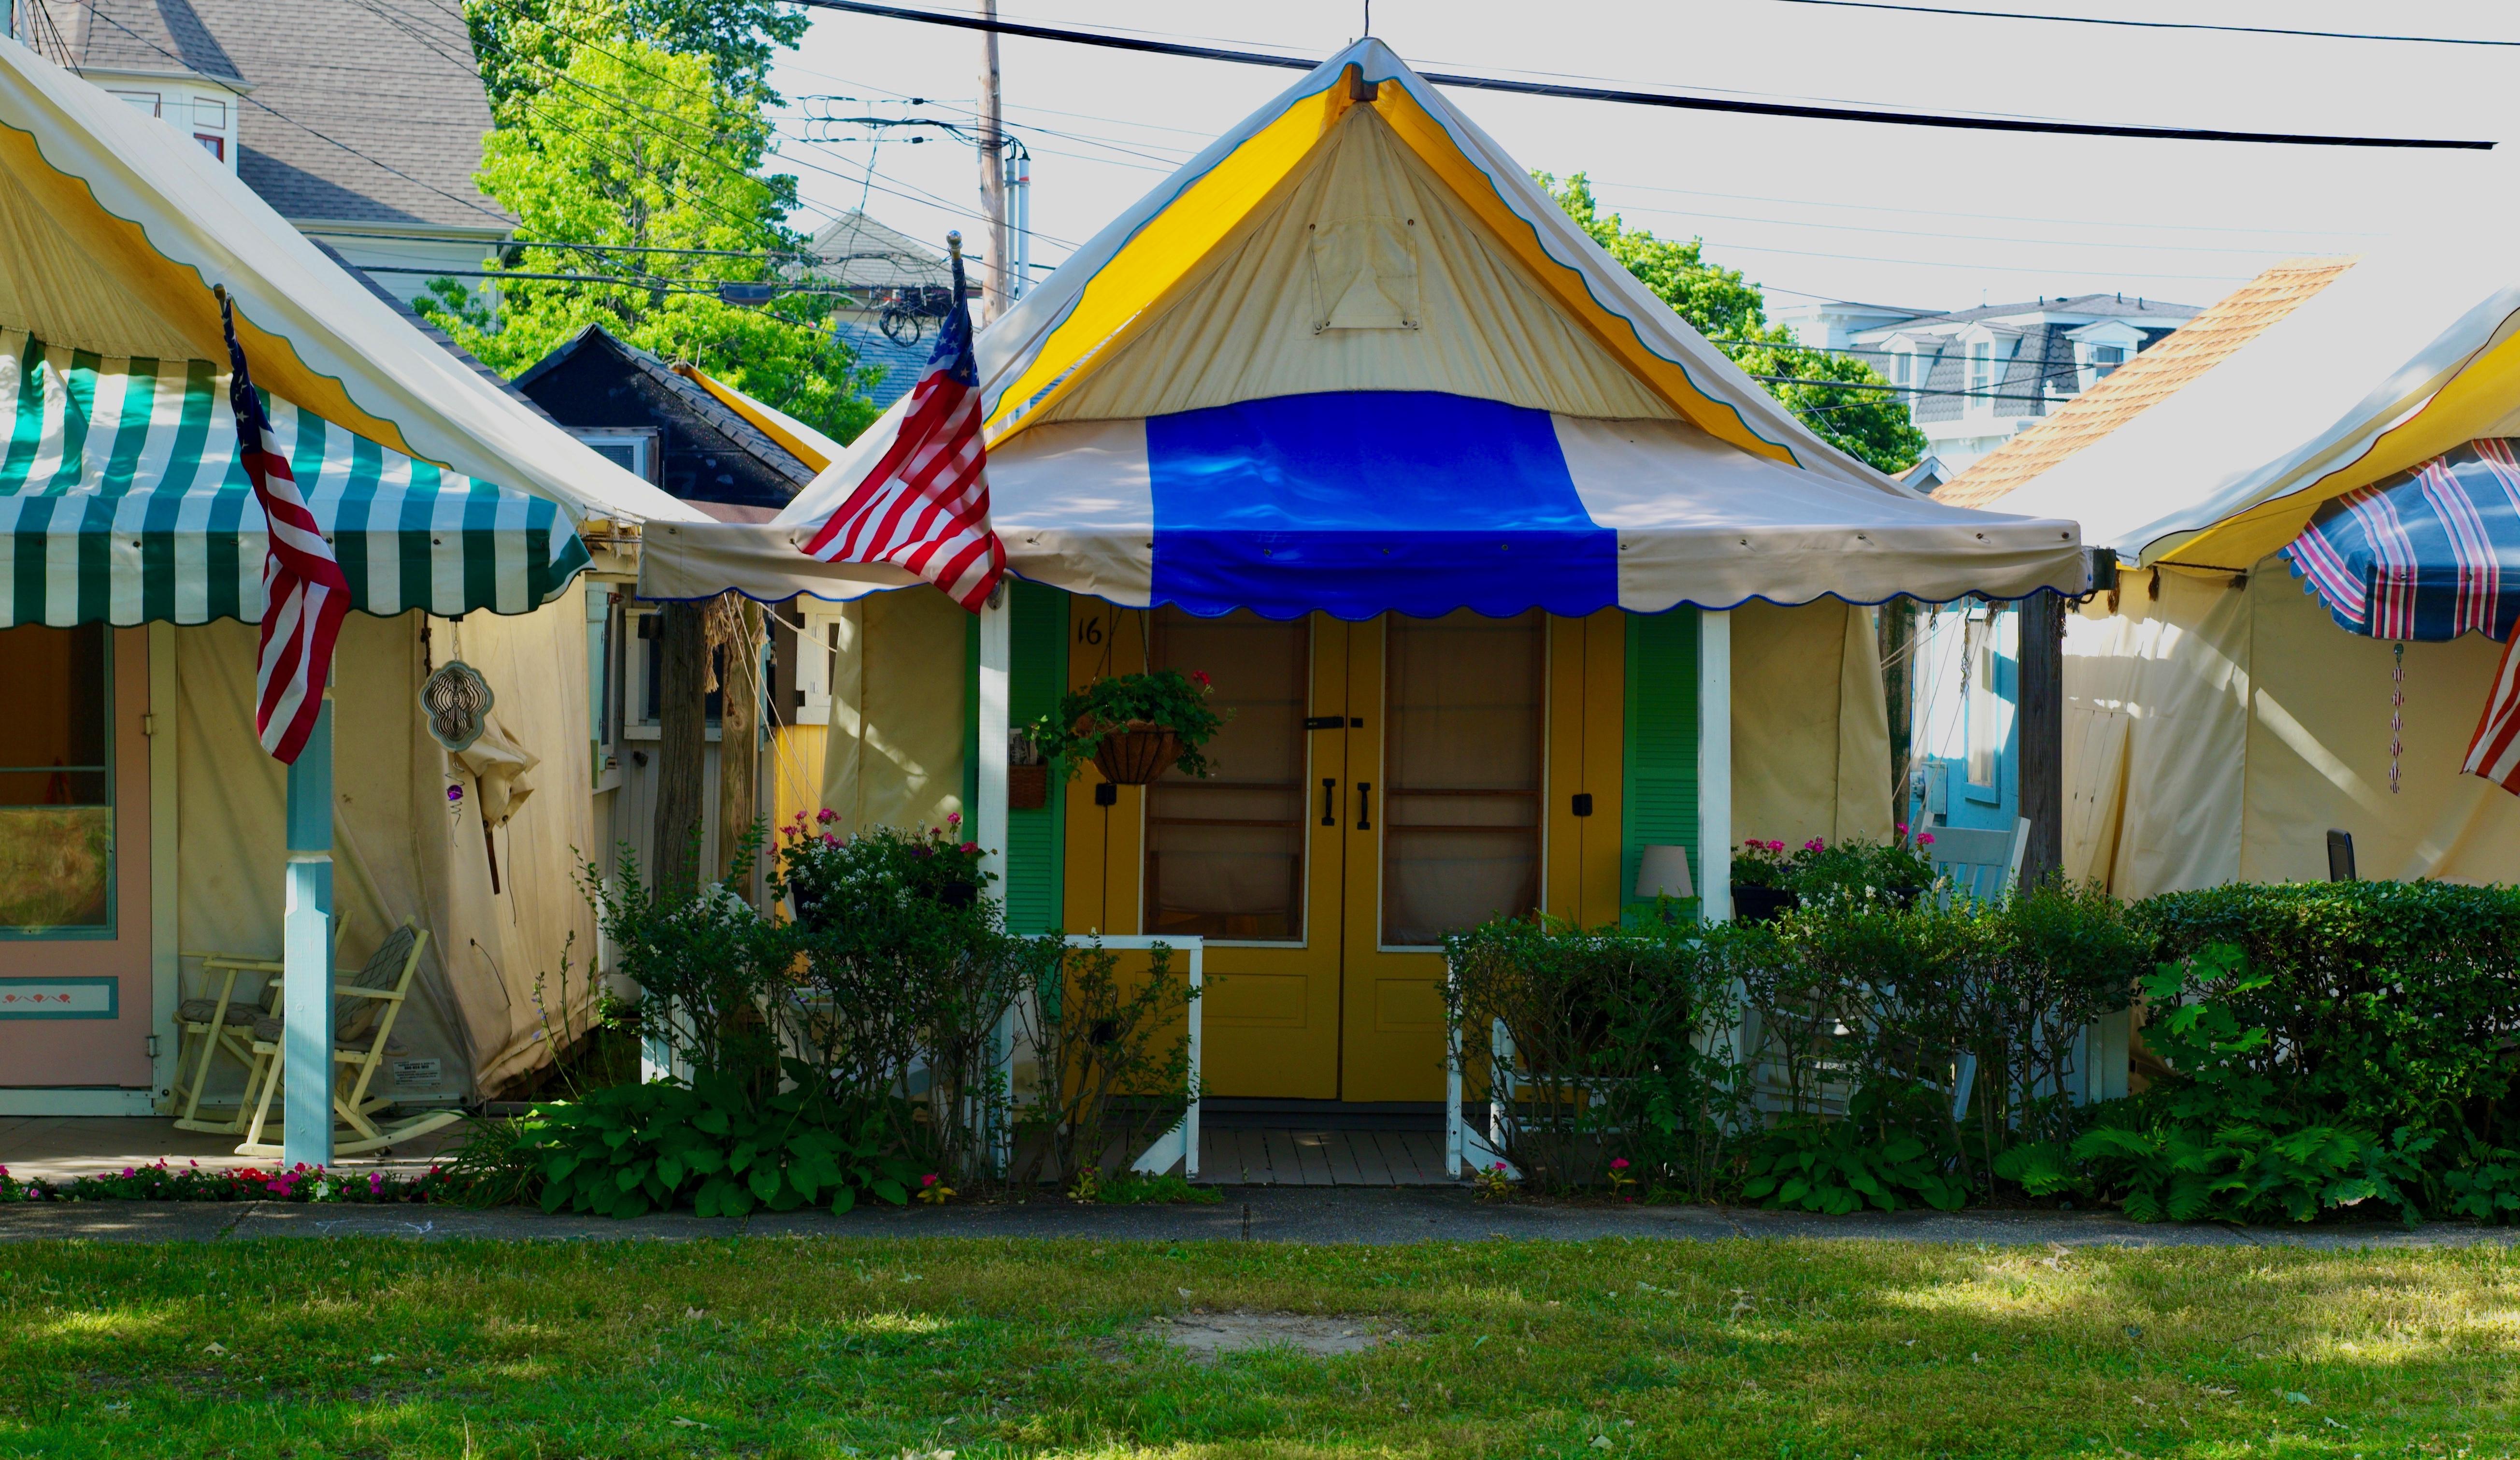 Ocean Grove Tent Village 2017. #3. & Ocean Grove Tent Village 2017. #3. | Blogfinger